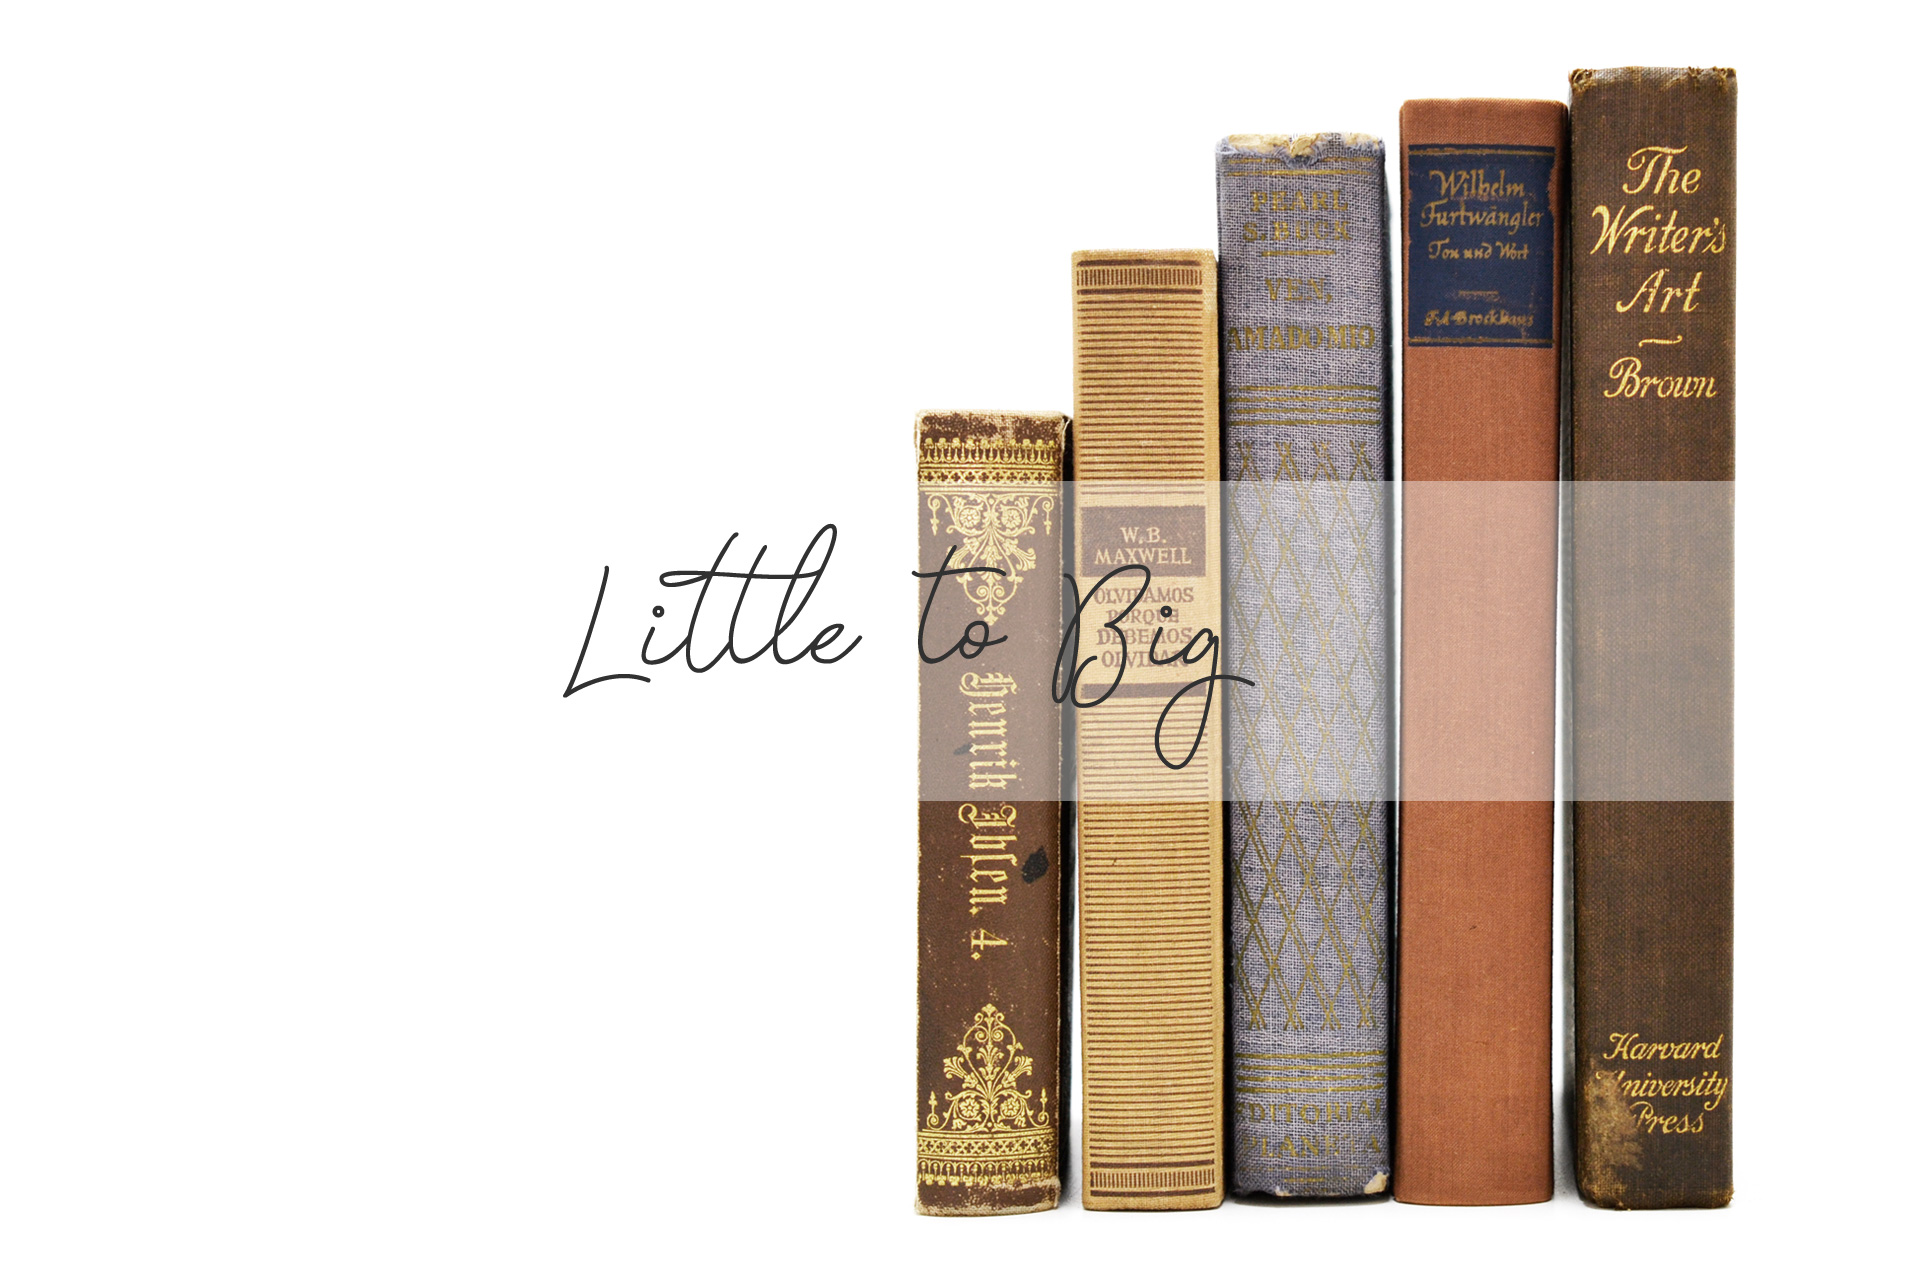 小さい本から大きい本の順に飾る